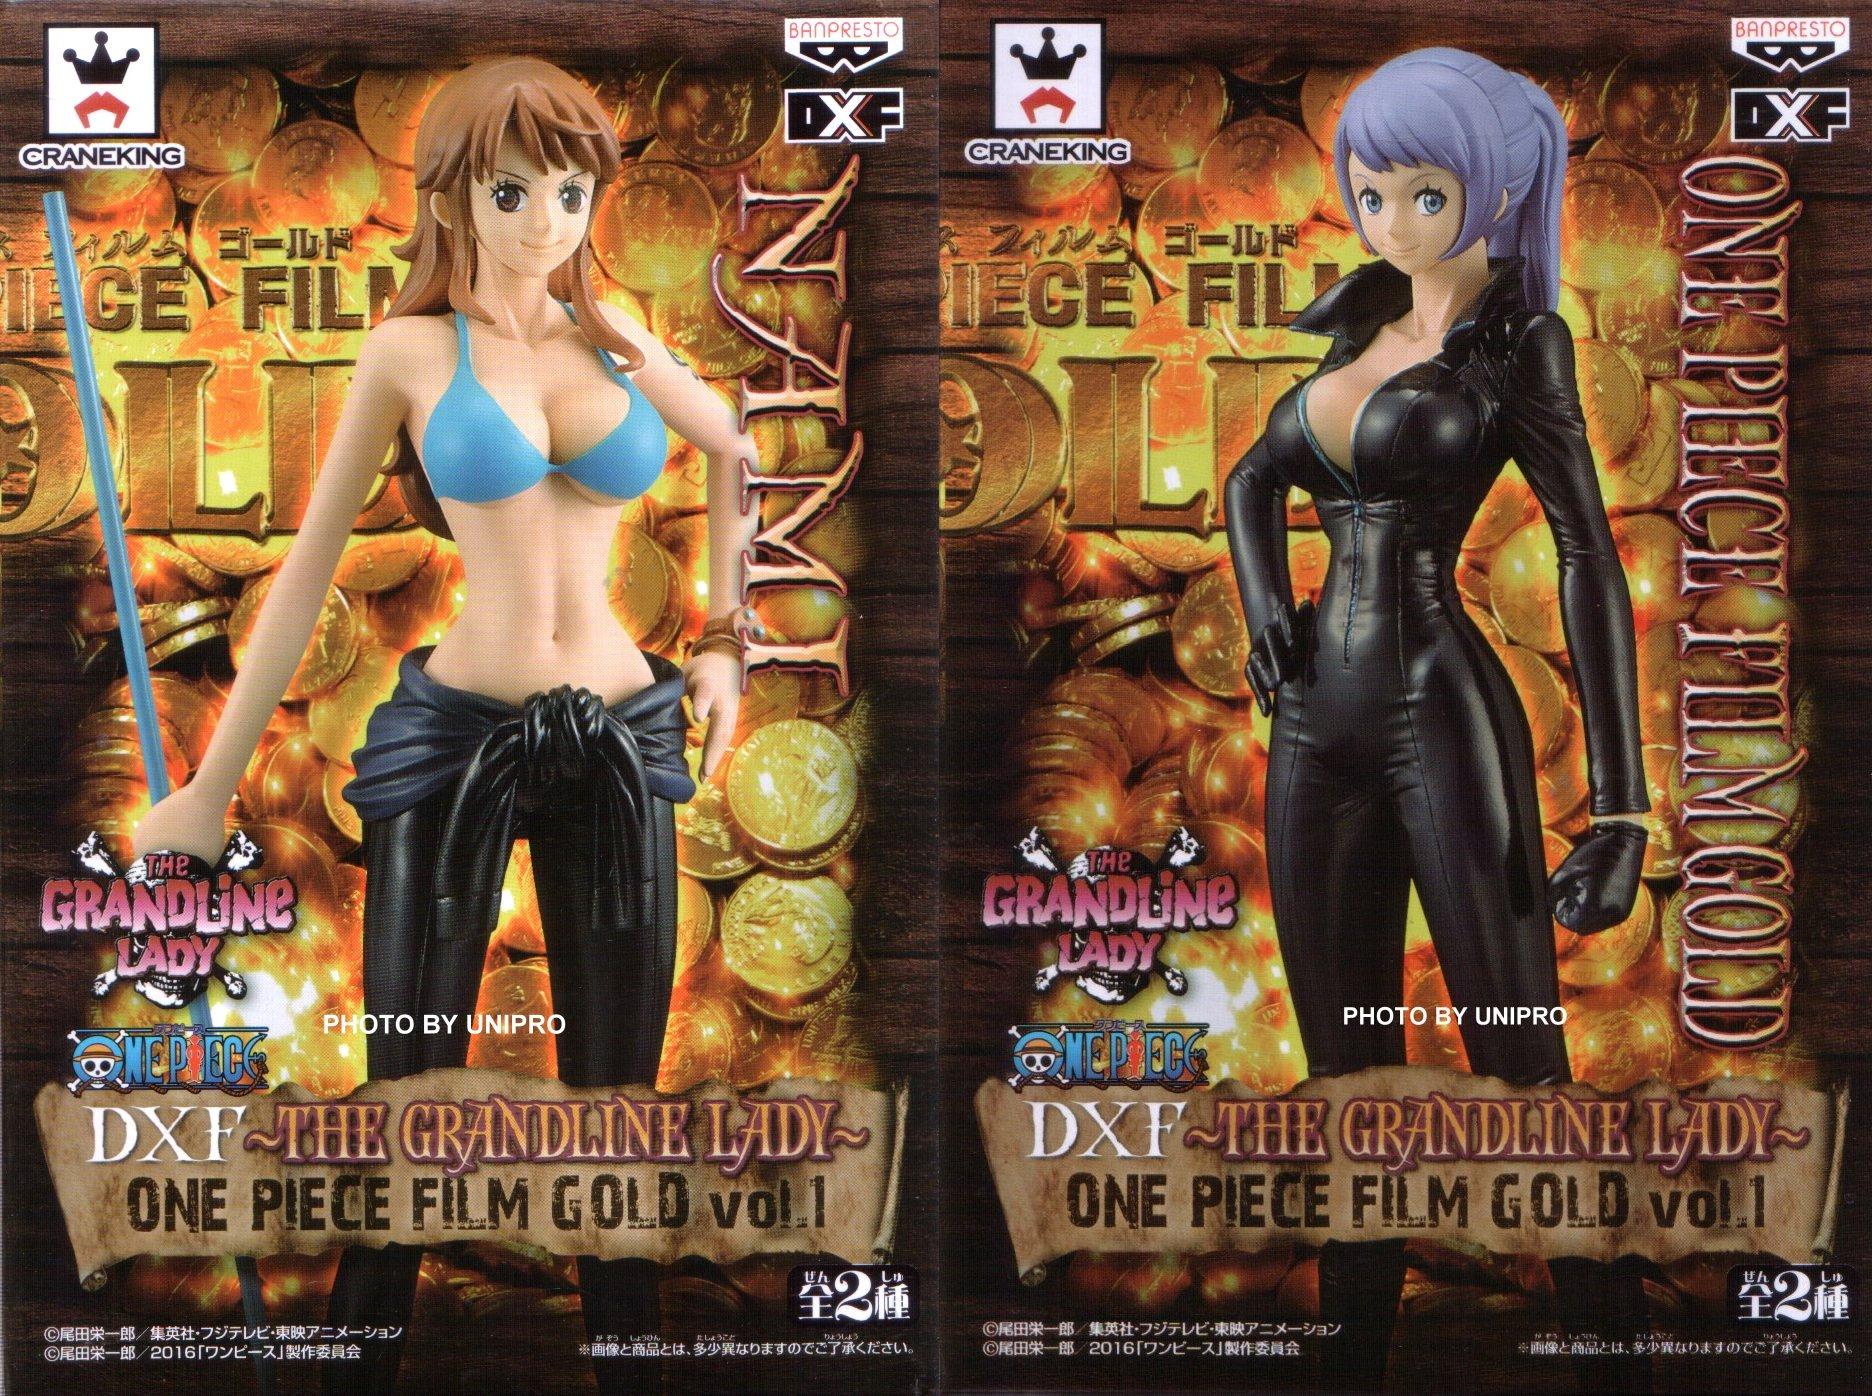 台灣代理版 電影版 DXF THE GRANDLINE LADY ONE PIECE FILM GOLD VOL.1  娜美 + 卡莉娜 全2種 NAMI 海賊王 航海王 公仔